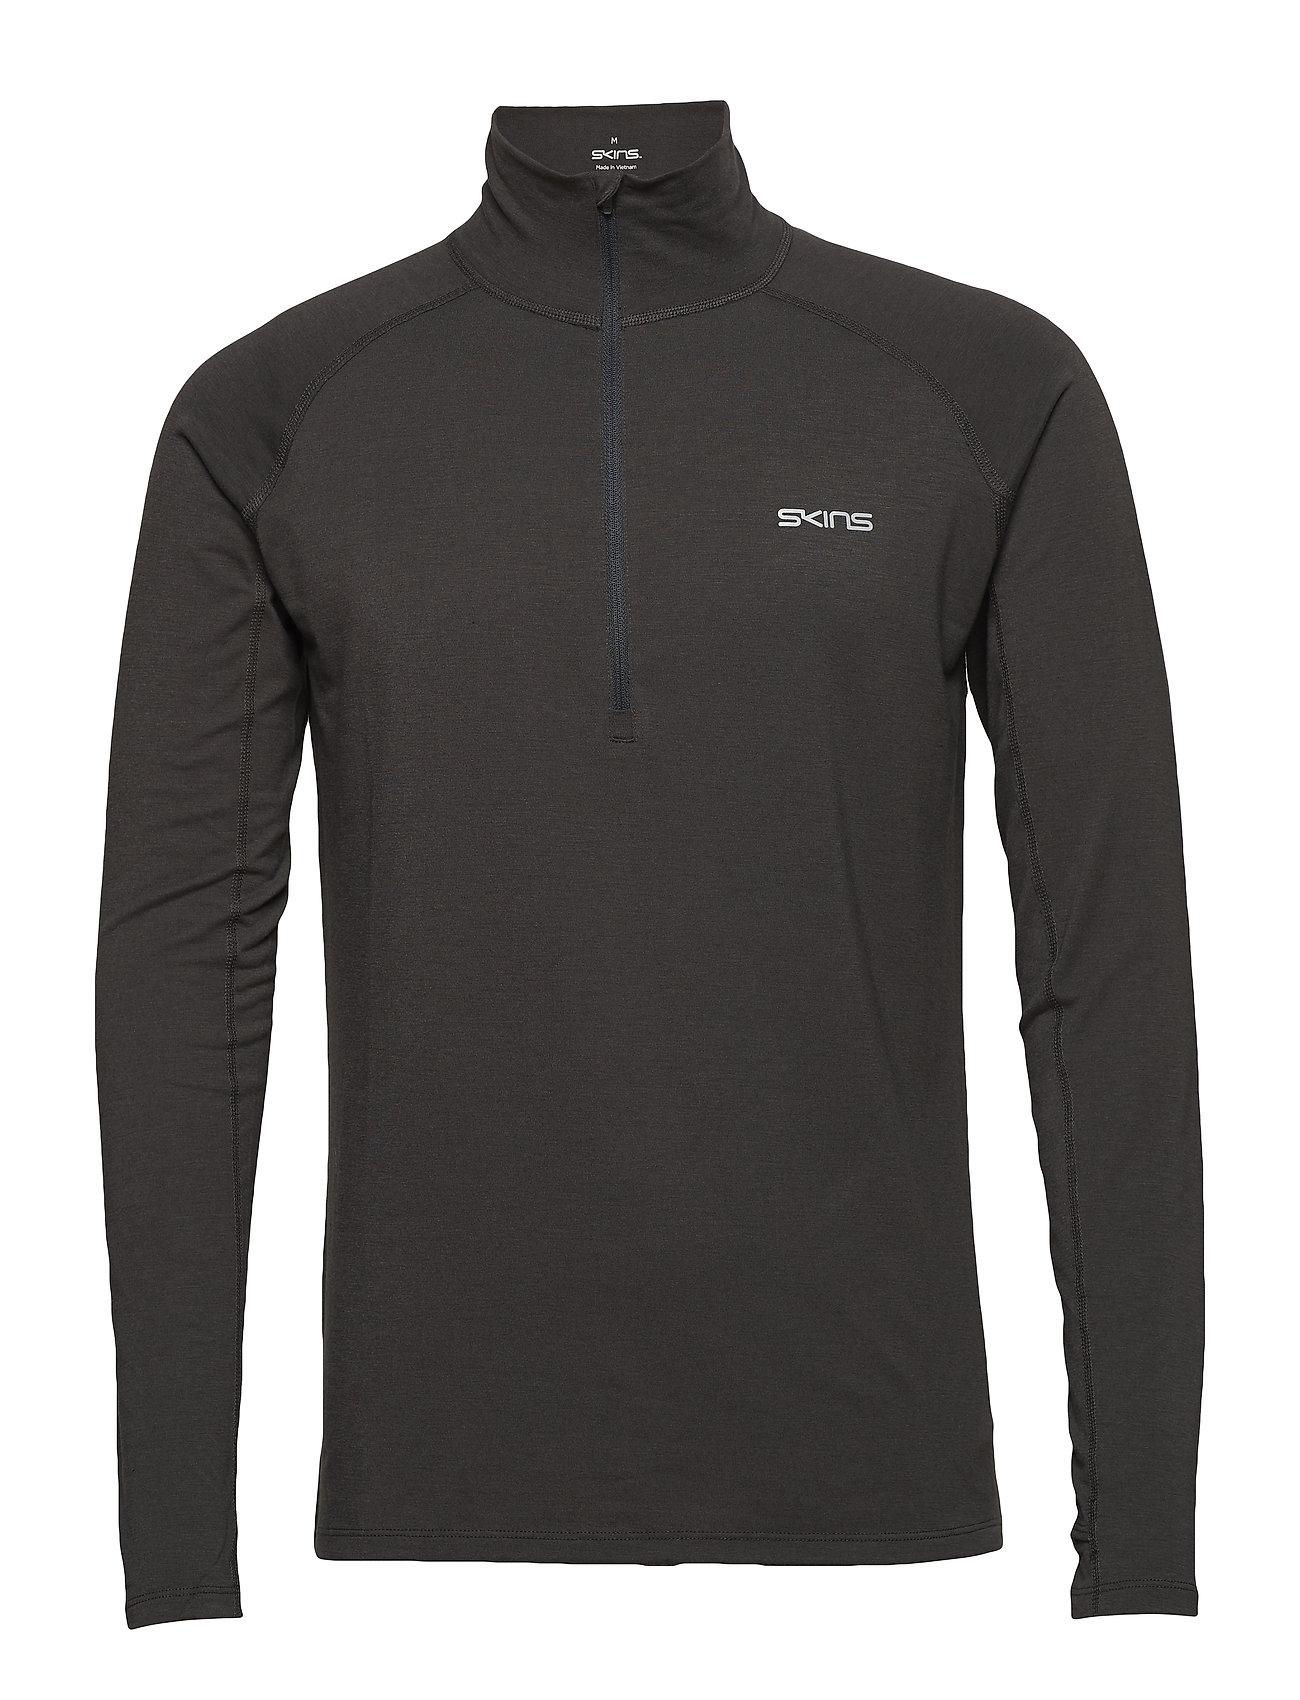 Skins Activewear Unden Light Midlayer Mens L/S Fleece